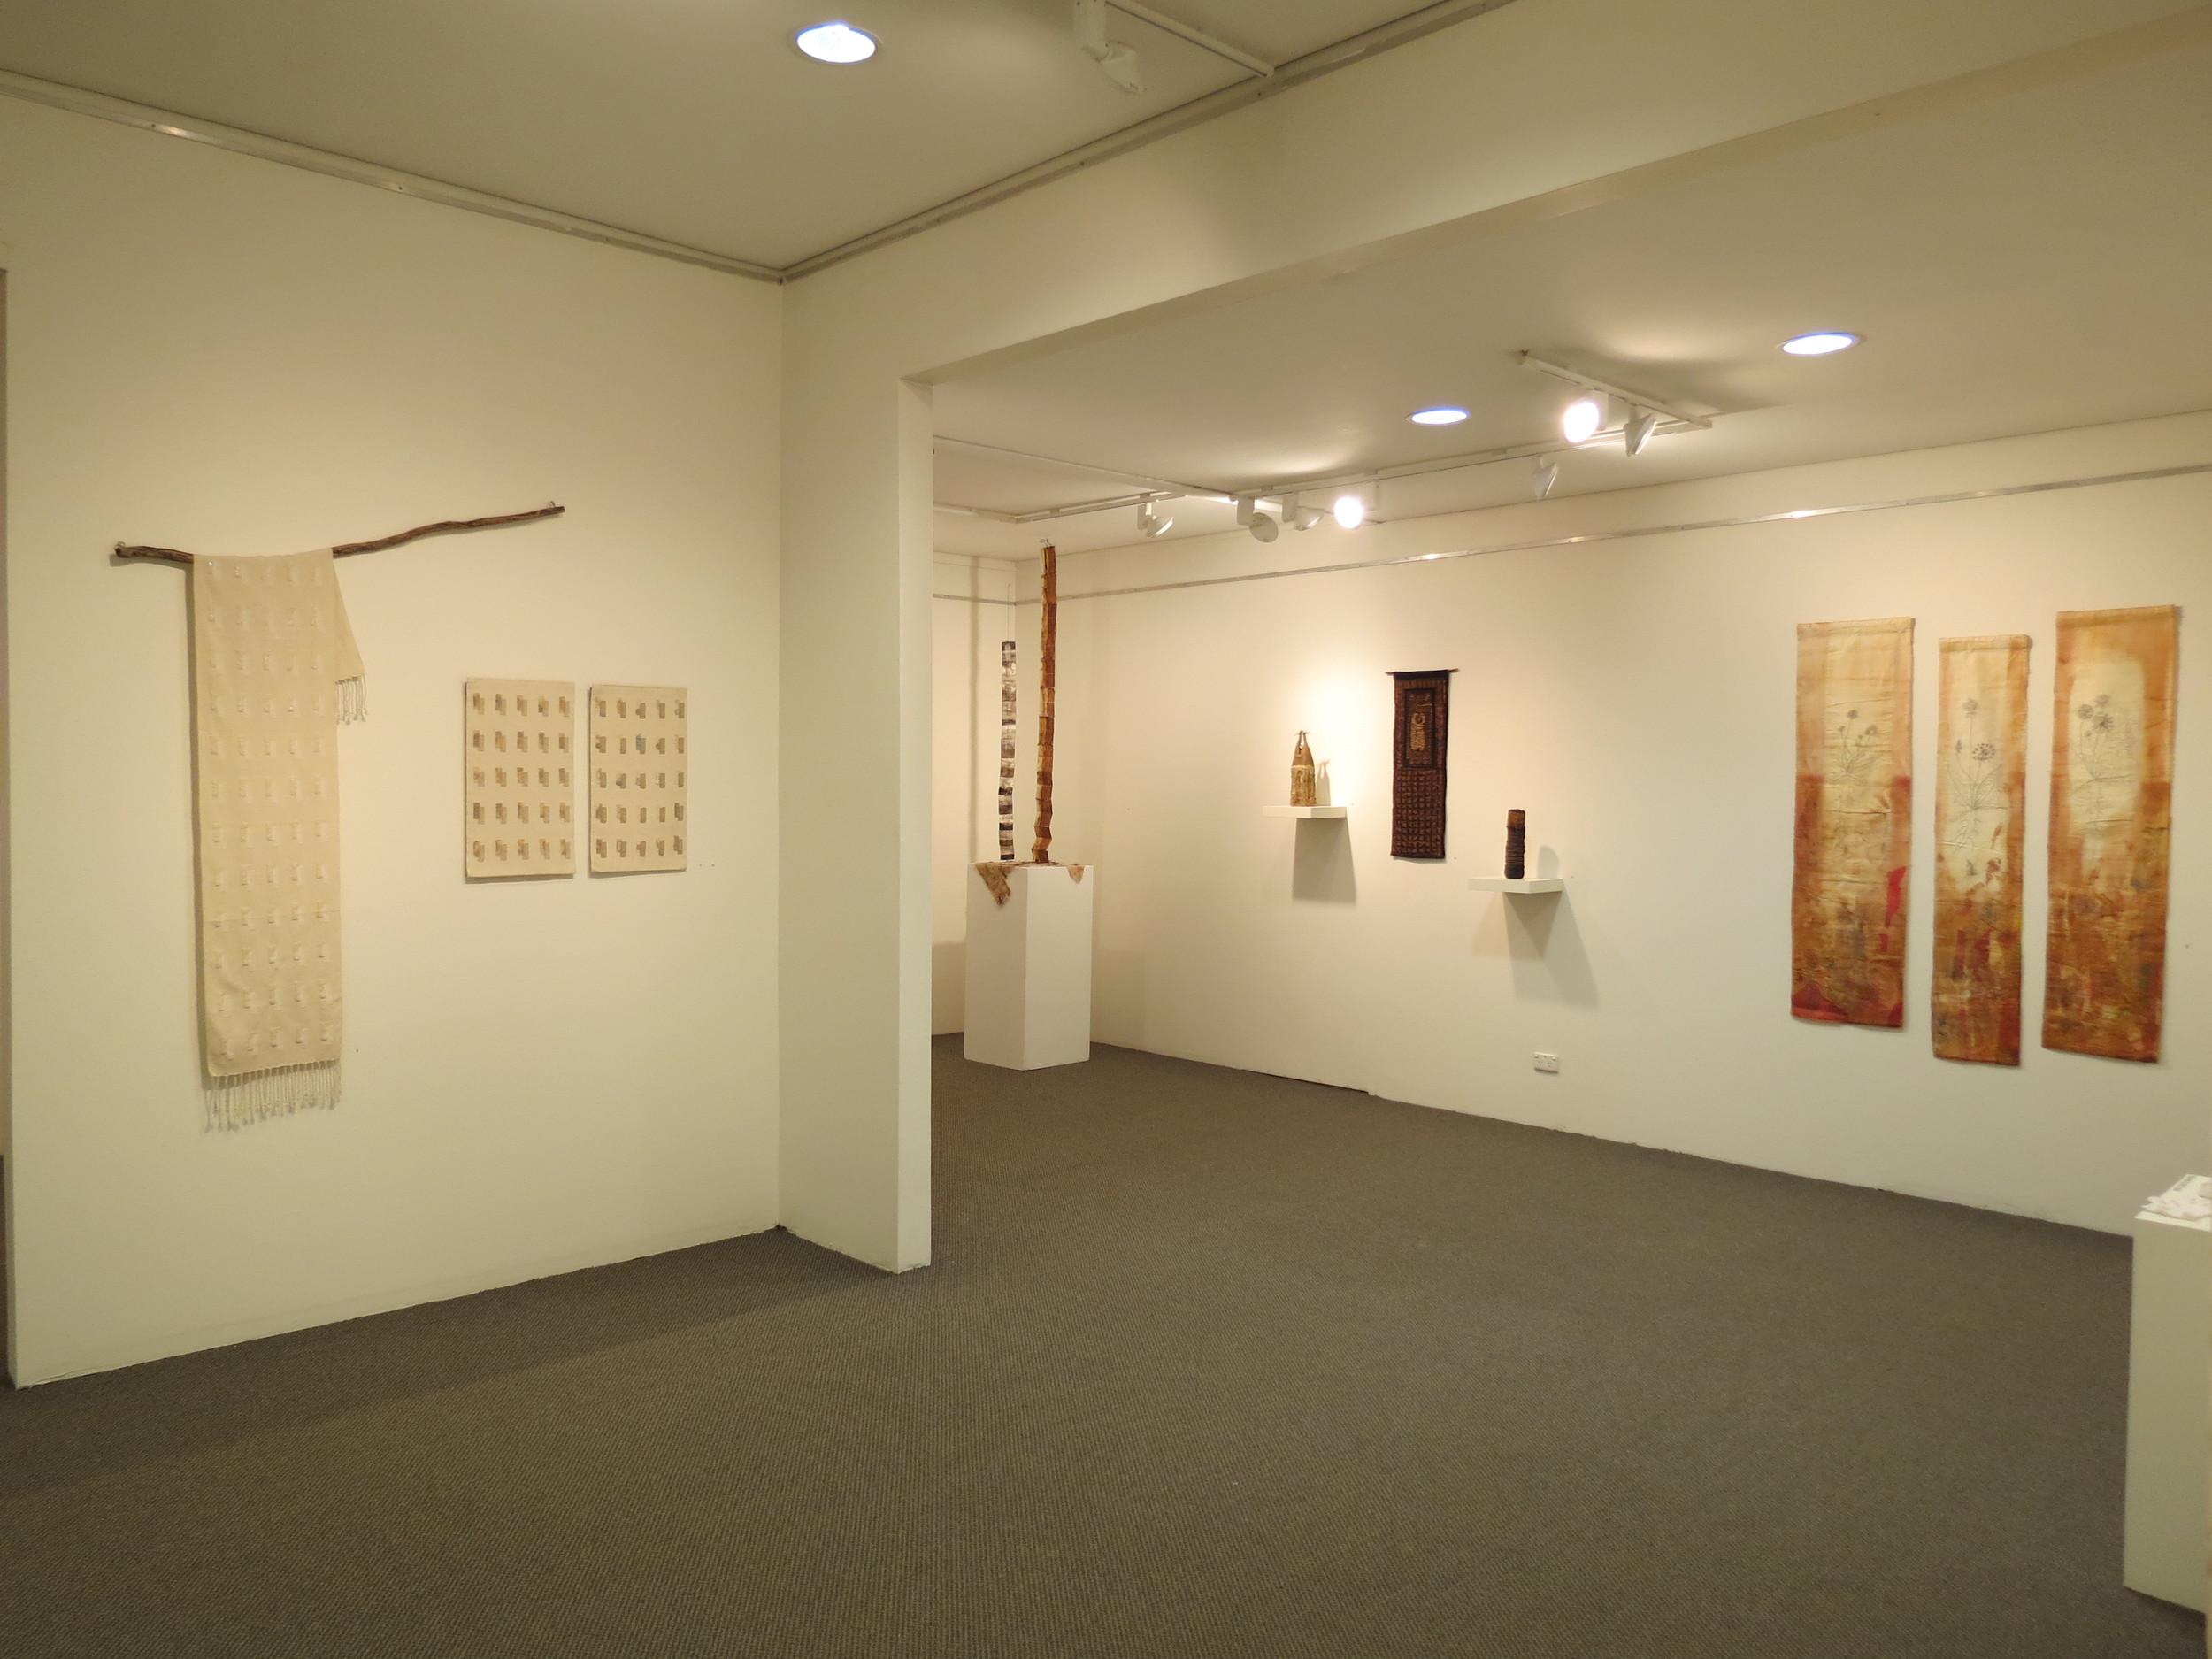 Exposition-KayFaulkner, Pam Fisher, Mary Hettmansperger, Cas Holmes